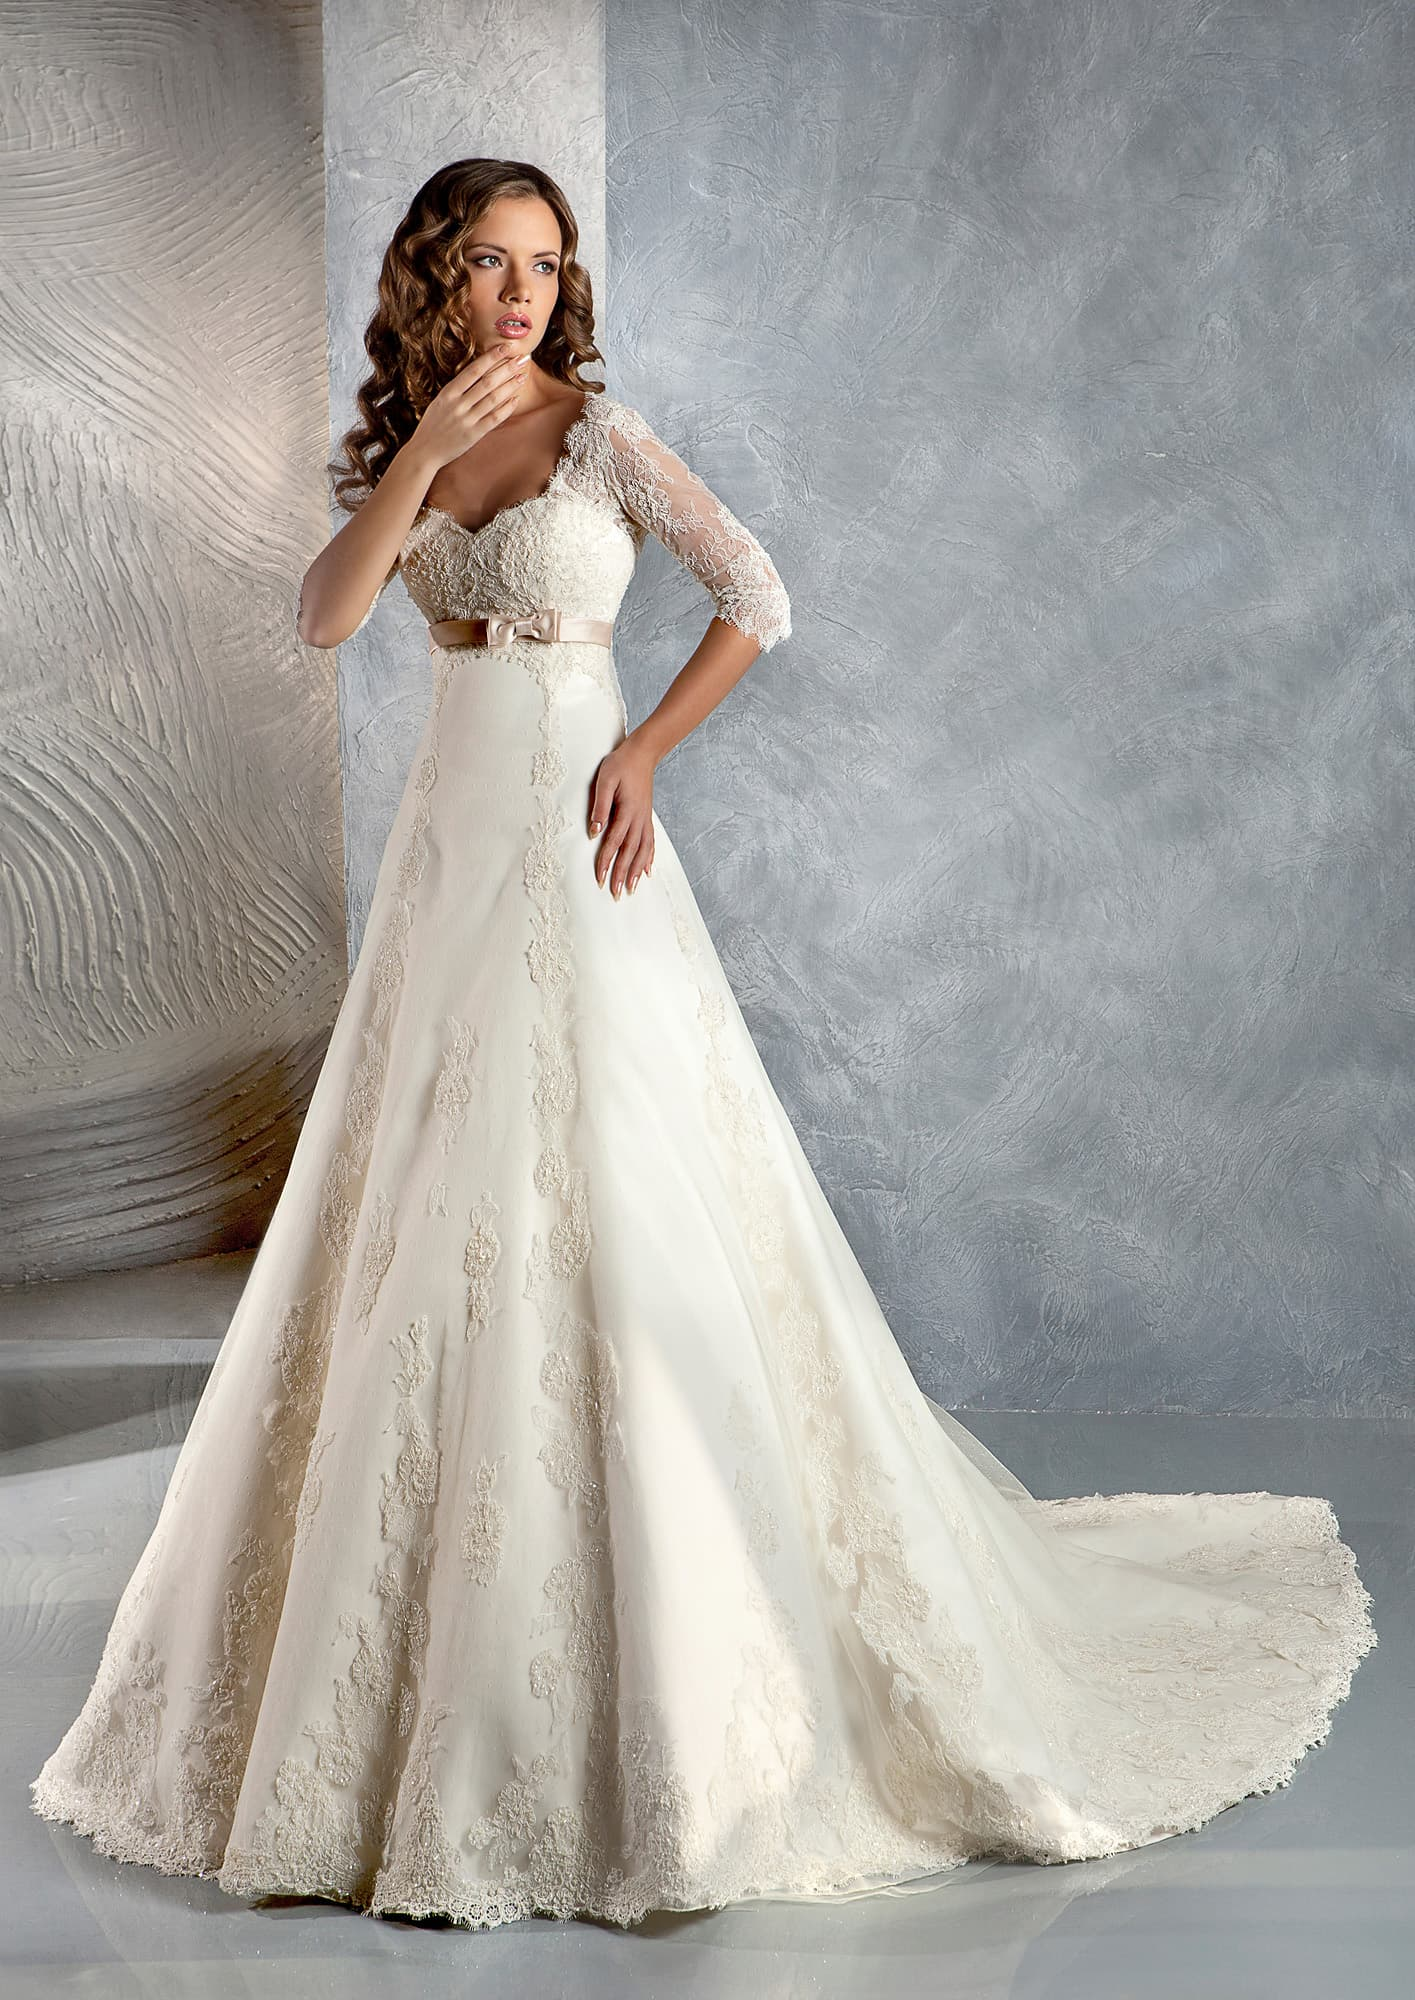 554fd442182 Ажурное свадебное платье силуэта «принцесса» с короткими рукавами и слегка  завышенной талией.